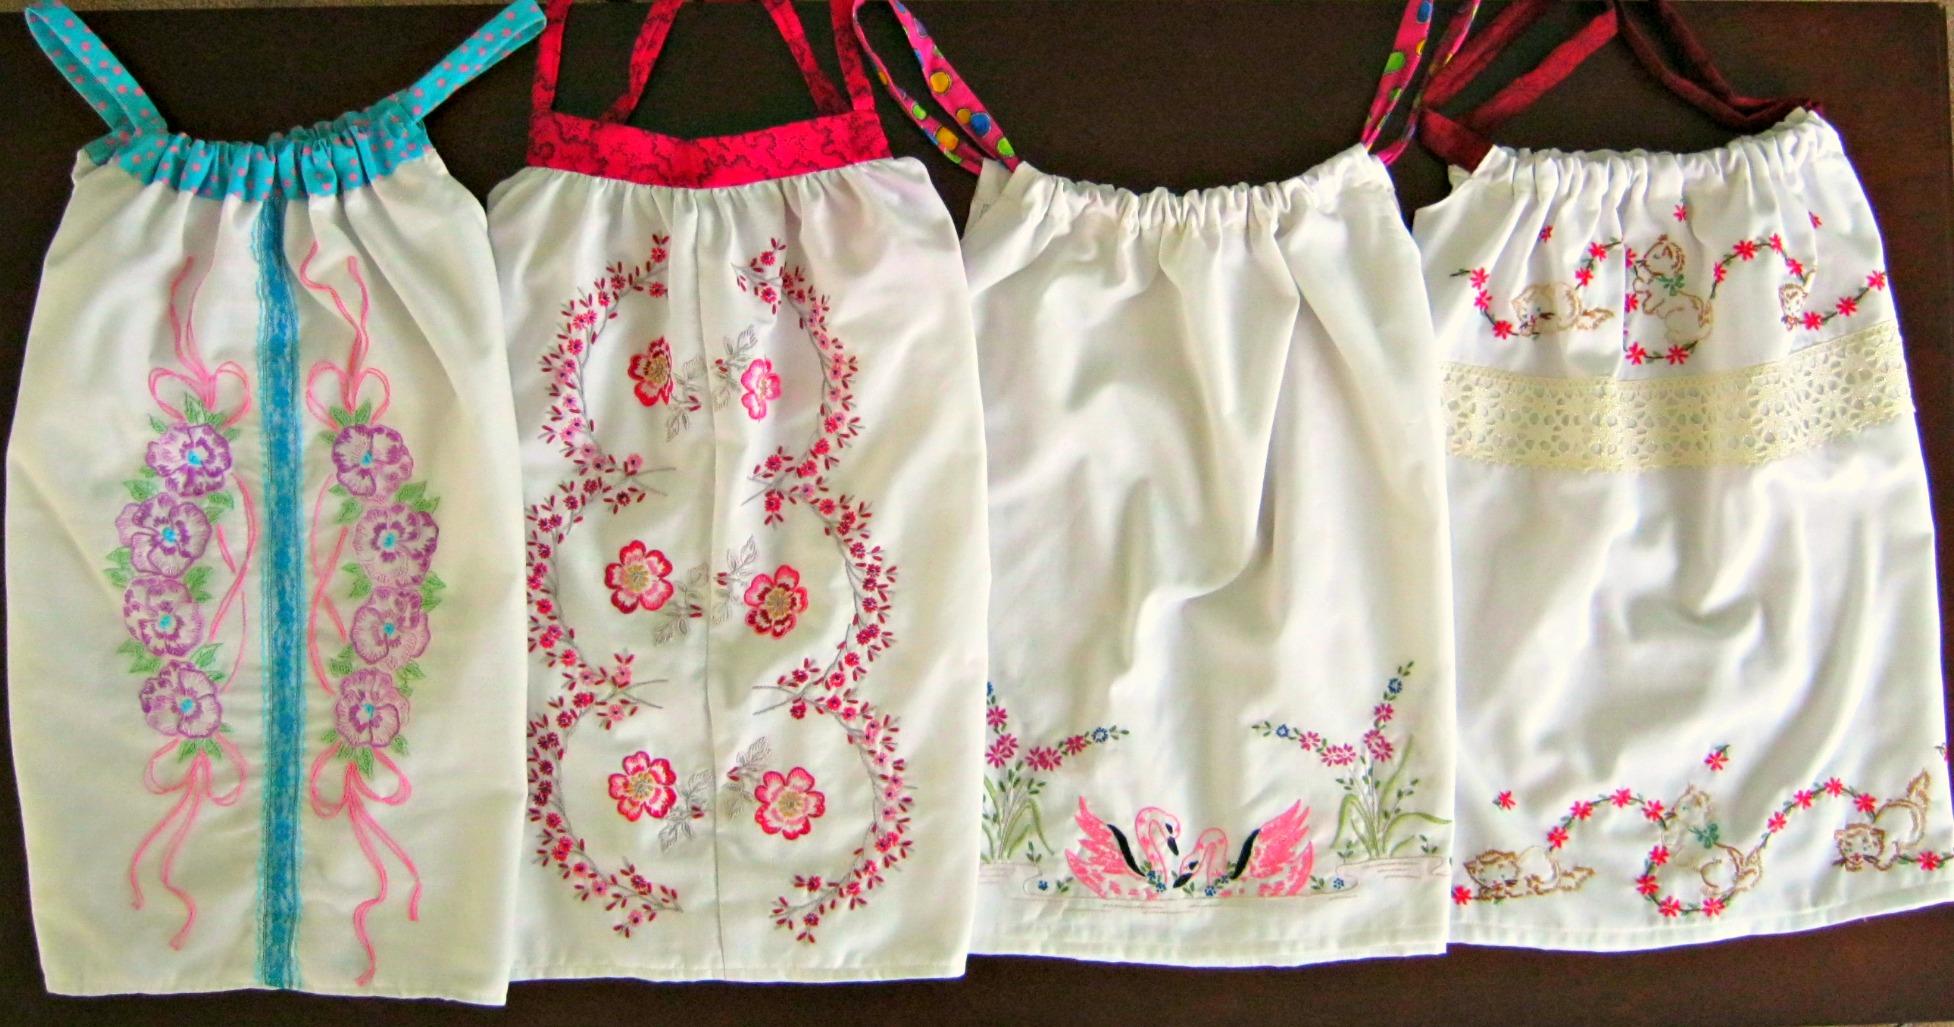 My new design pillowcase tops & New pillowcase top designs for women - Lynda Makara pillowsntoast.com